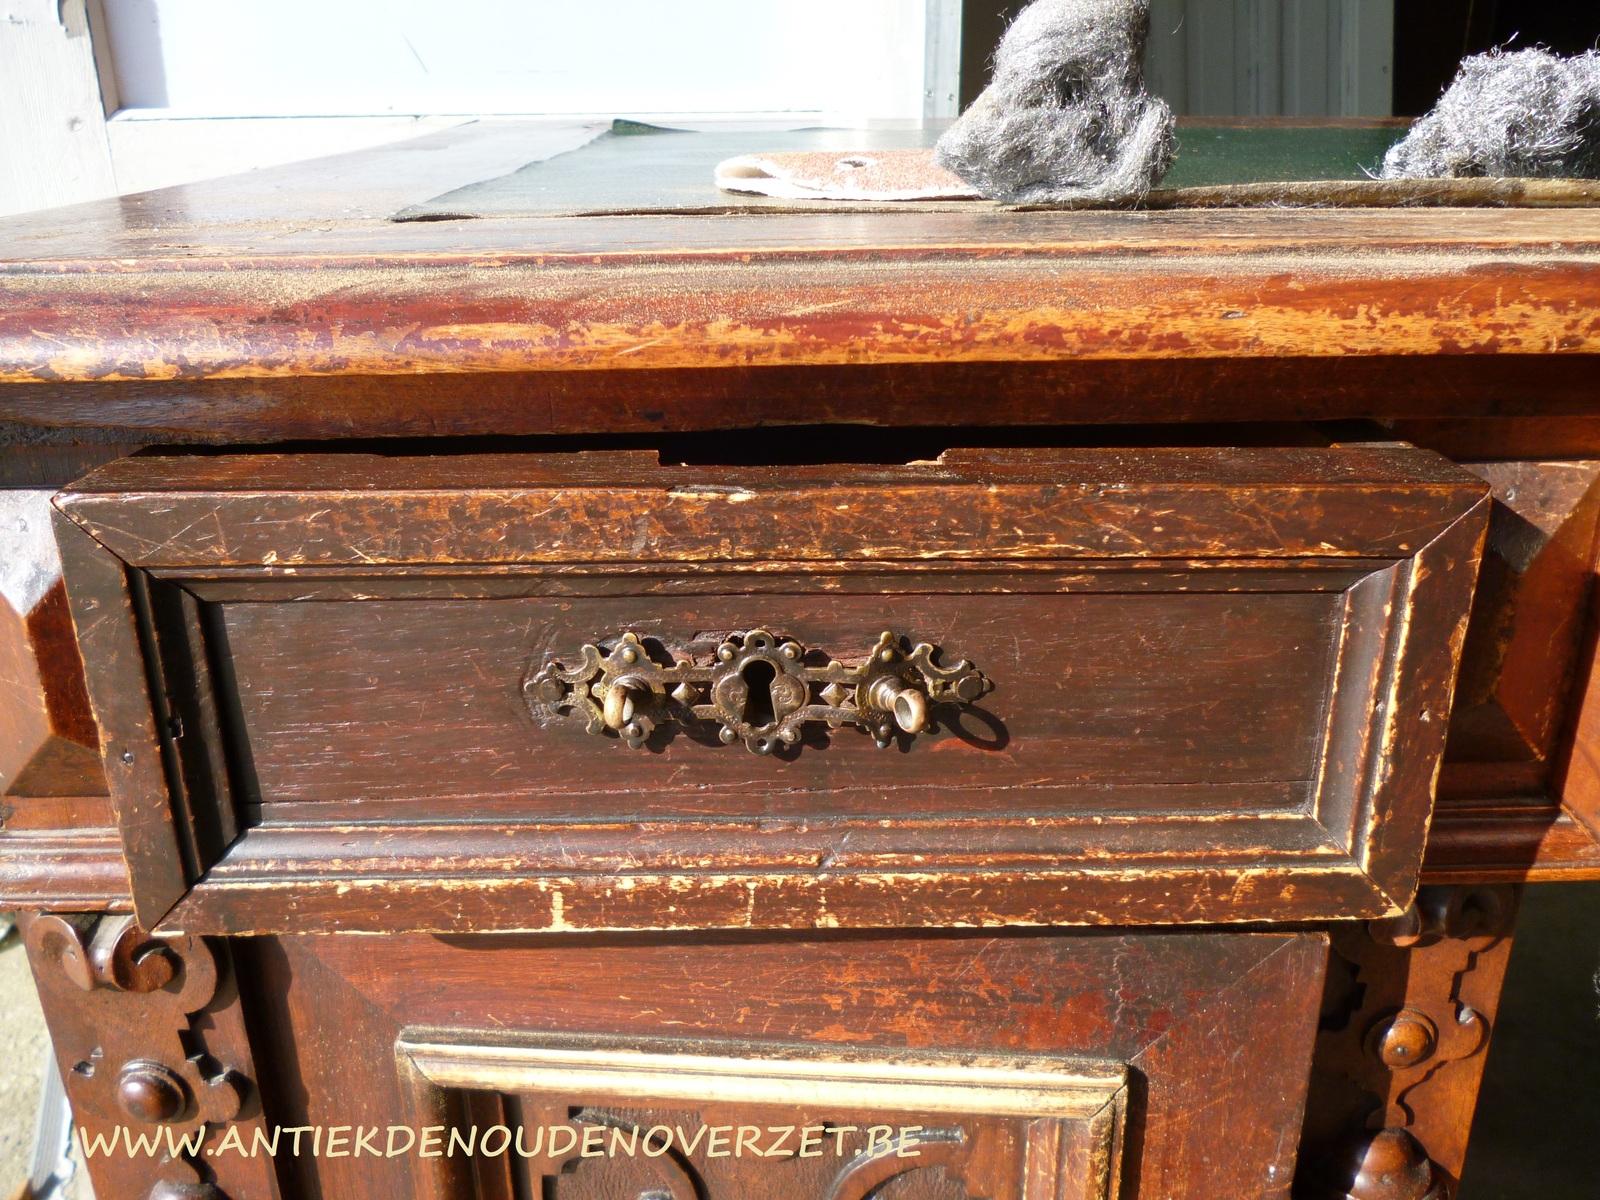 Restauratie van meubelen melsele antiek den ouden overzet for Antiek interieur